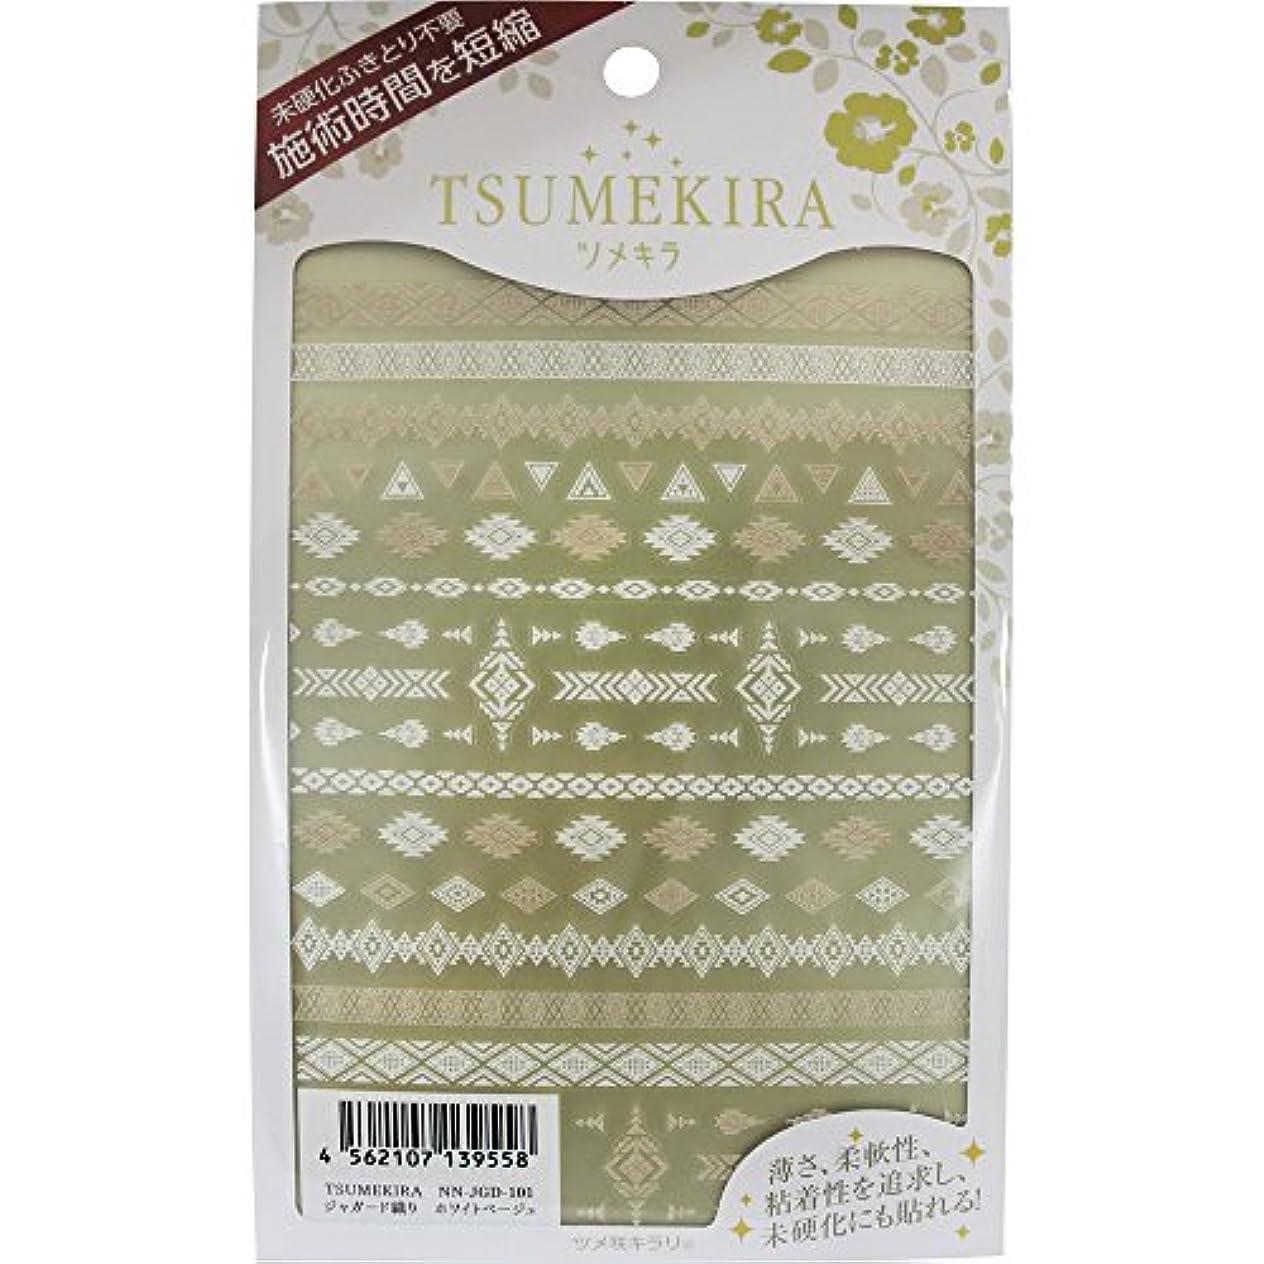 ターゲット誰誓約ツメキラ(TSUMEKIRA) ネイル用シール ジャガード織り ホワイトベージュ NN-JGD-101